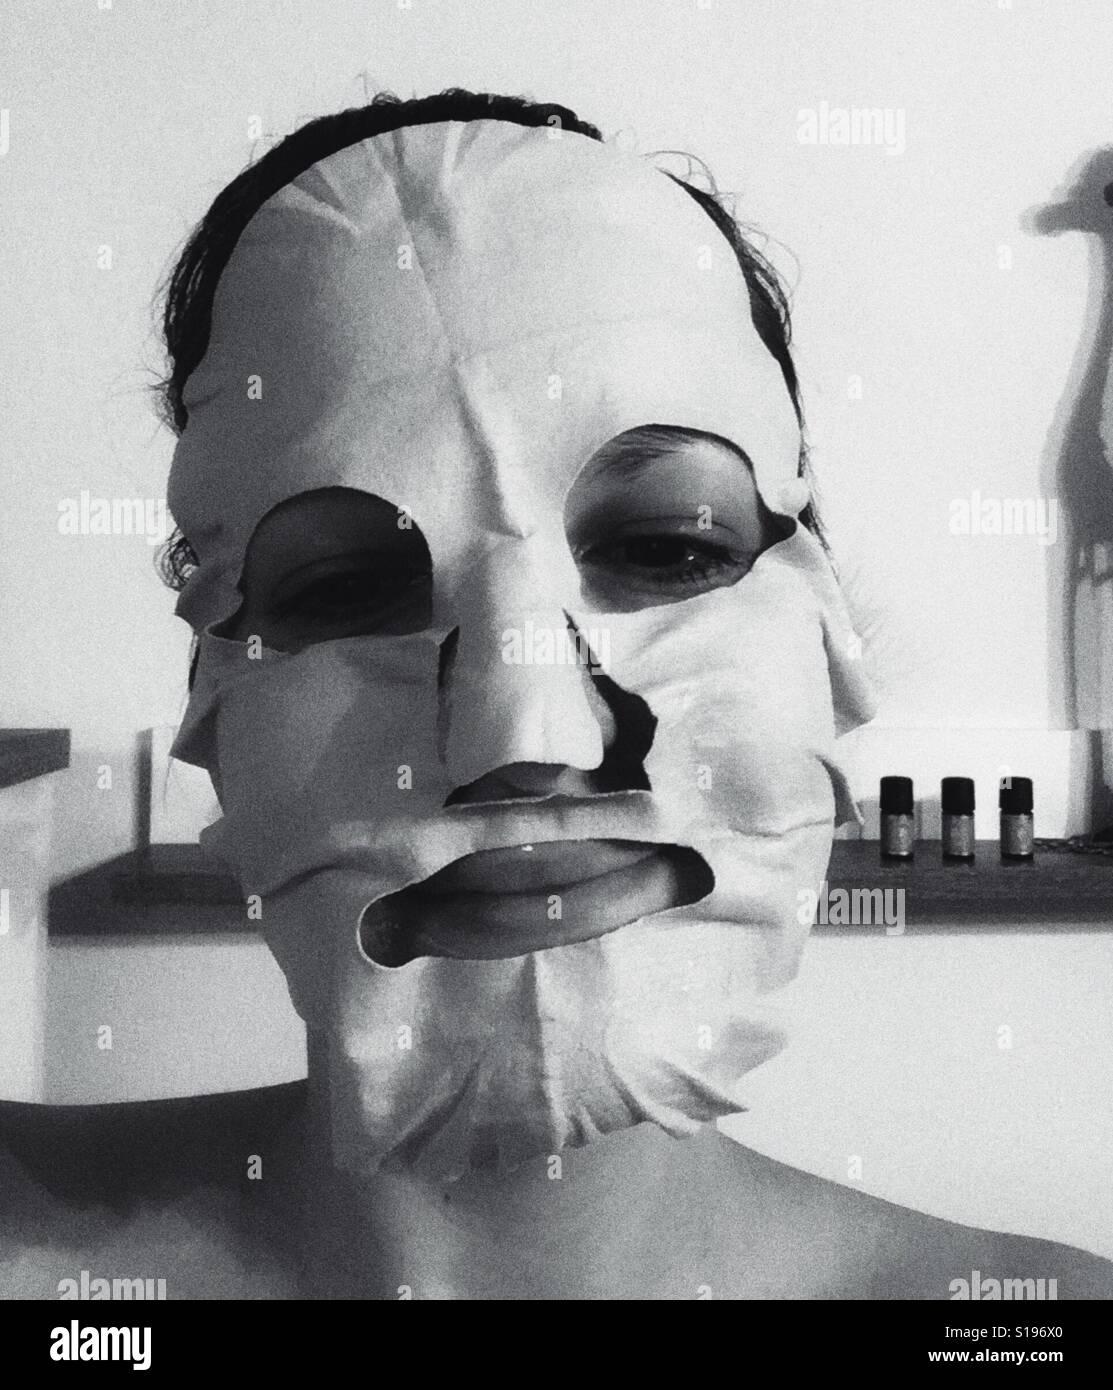 Viso con maschera di bellezza in bianco e nero e giraffe silhouette dietro Foto Stock